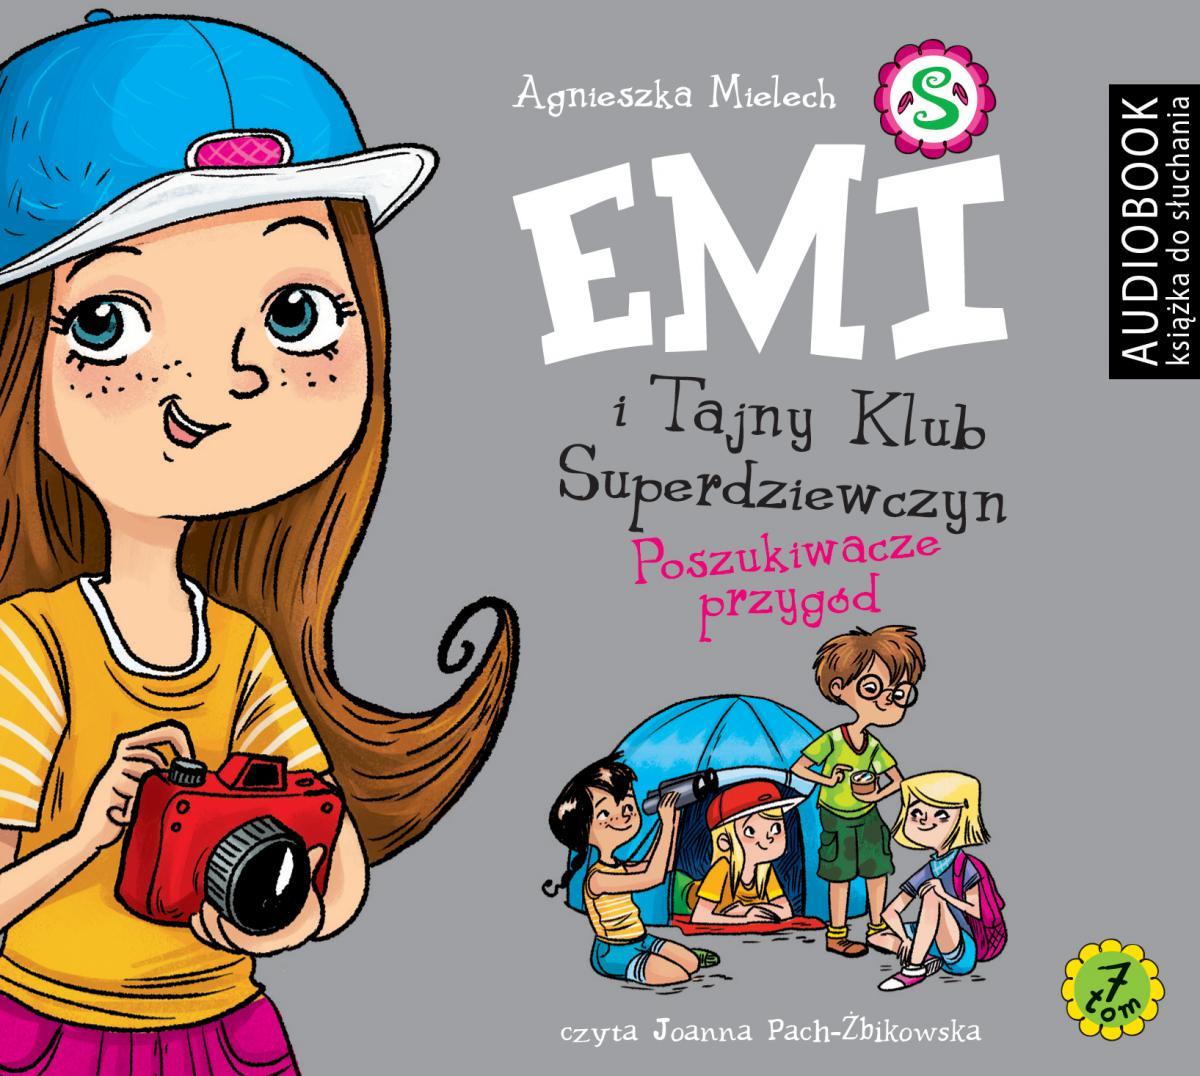 Emi i Tajny Klub Superdziewczyn. Tom 7. Poszukiwacze przygód - Audiobook (Książka audio MP3) do pobrania w całości w archiwum ZIP